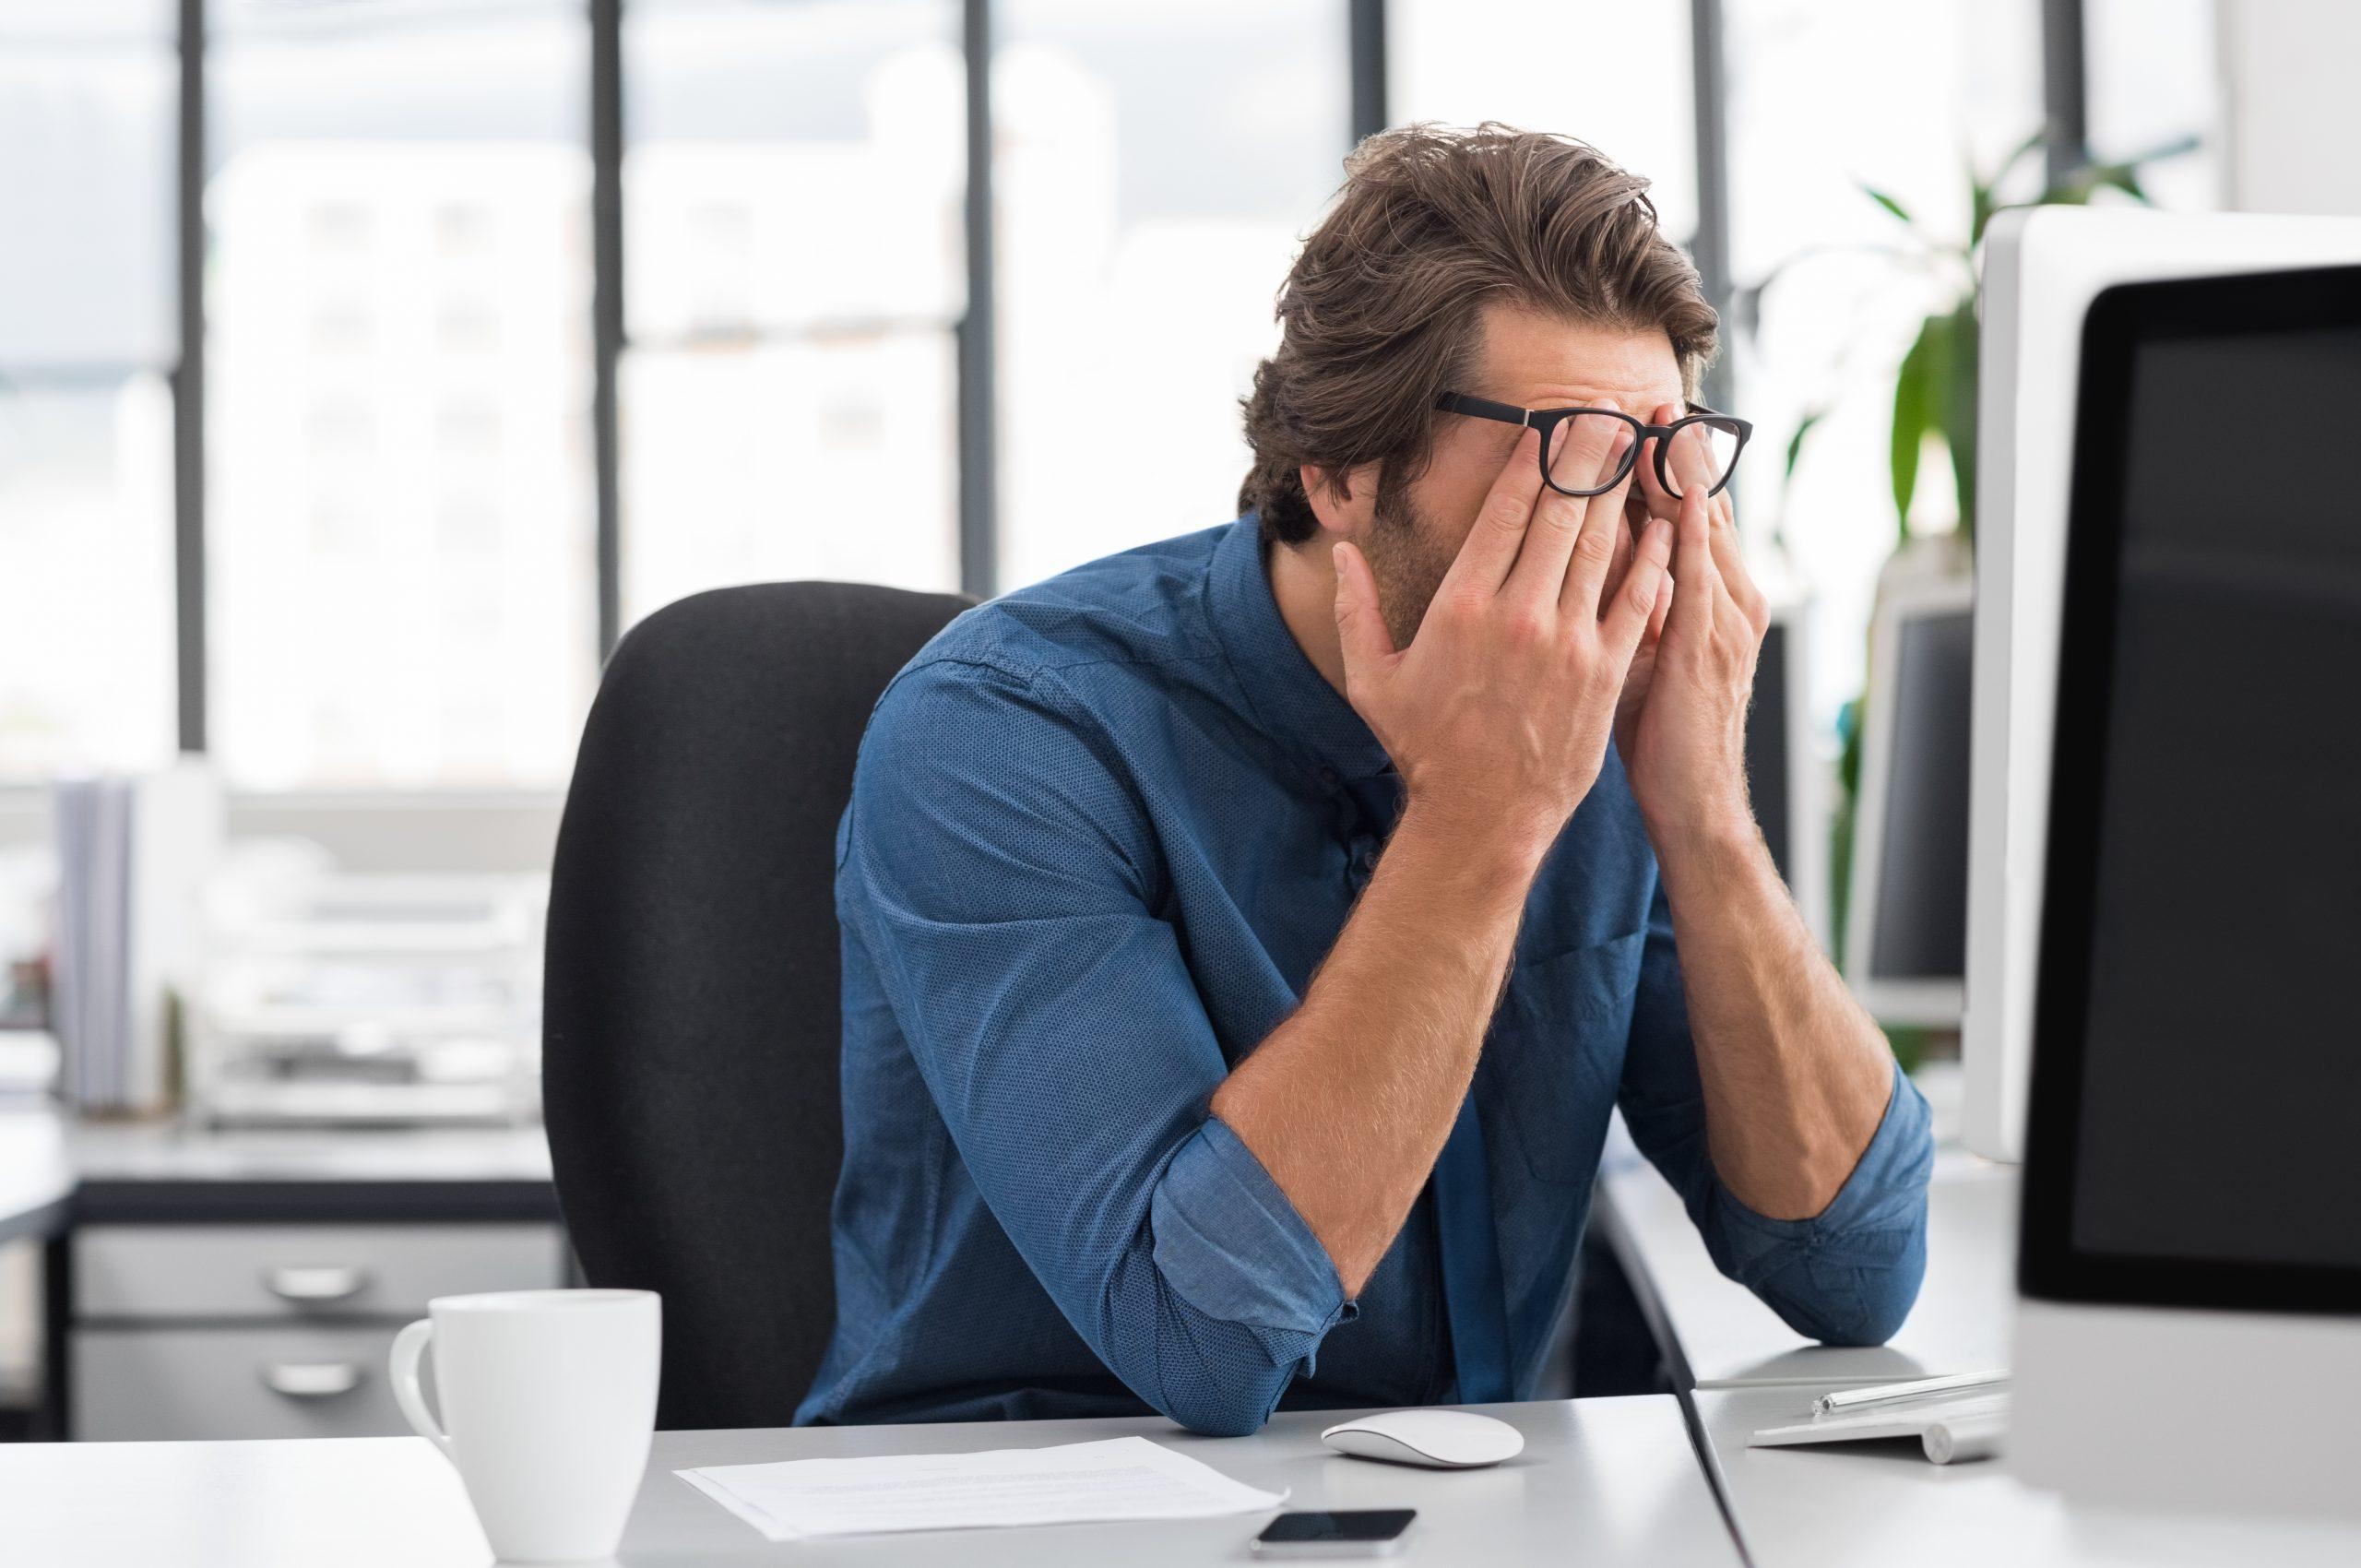 mladý muž si šúcha oči od únavy pred monitorom